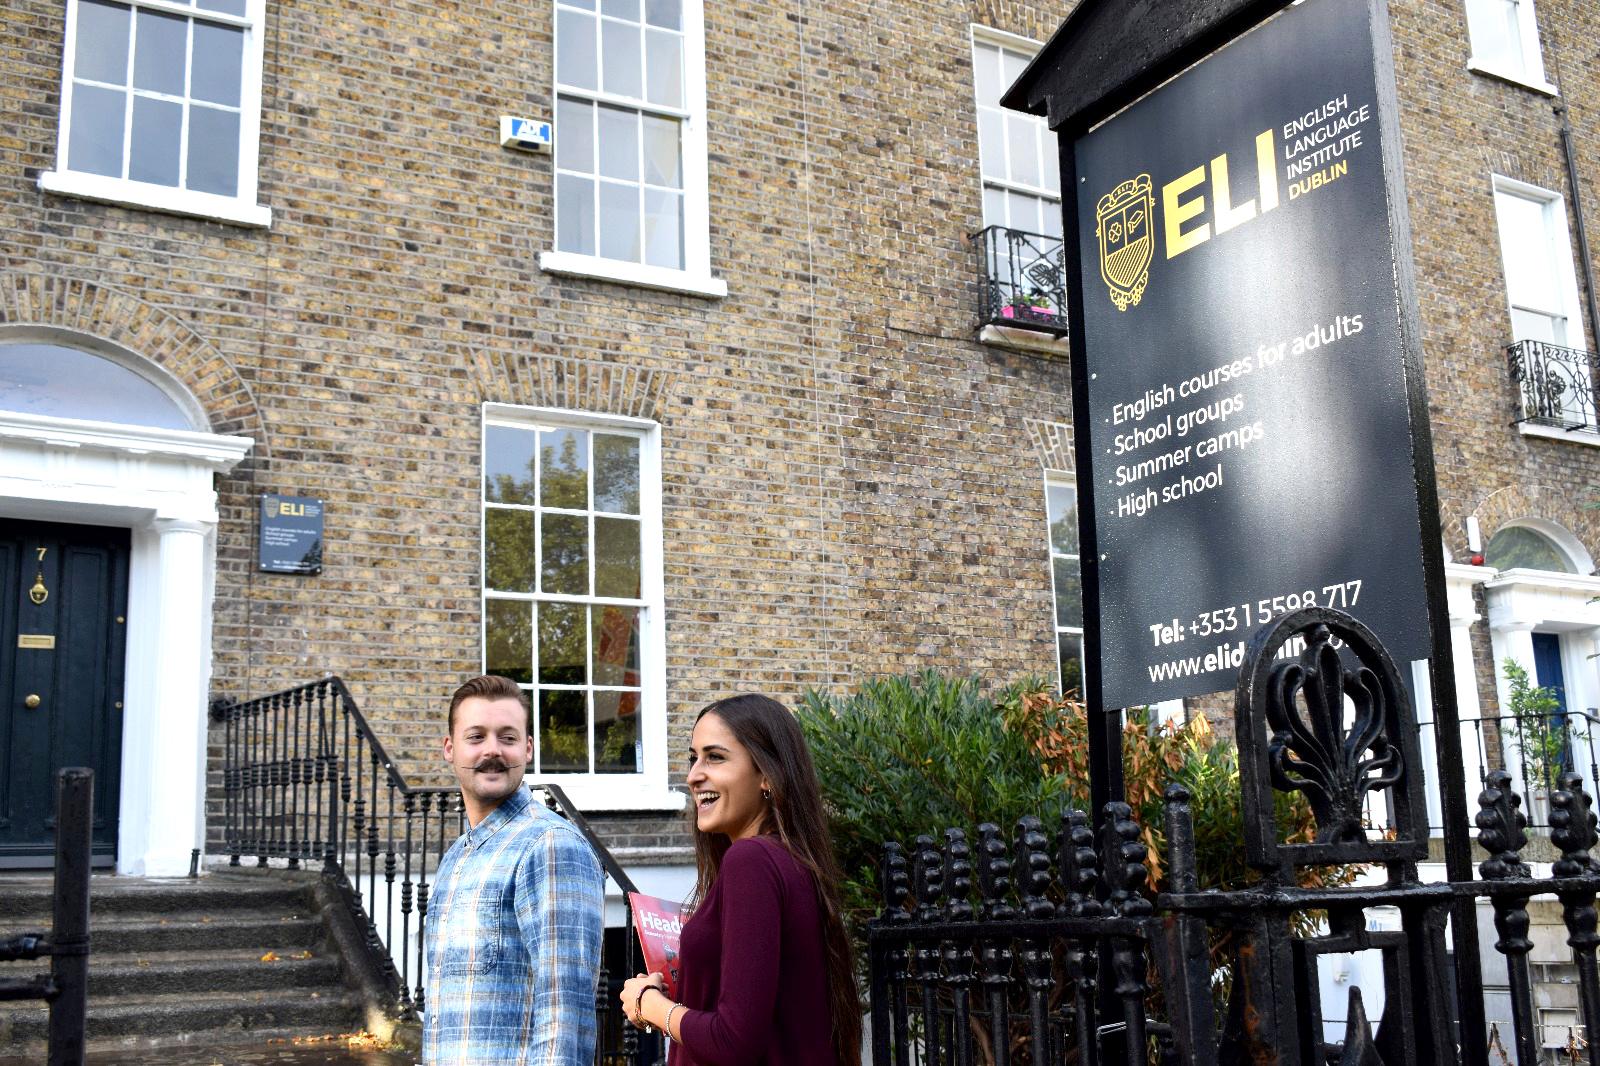 ELI Schools ile İrlanda'da Lise Eğitimi